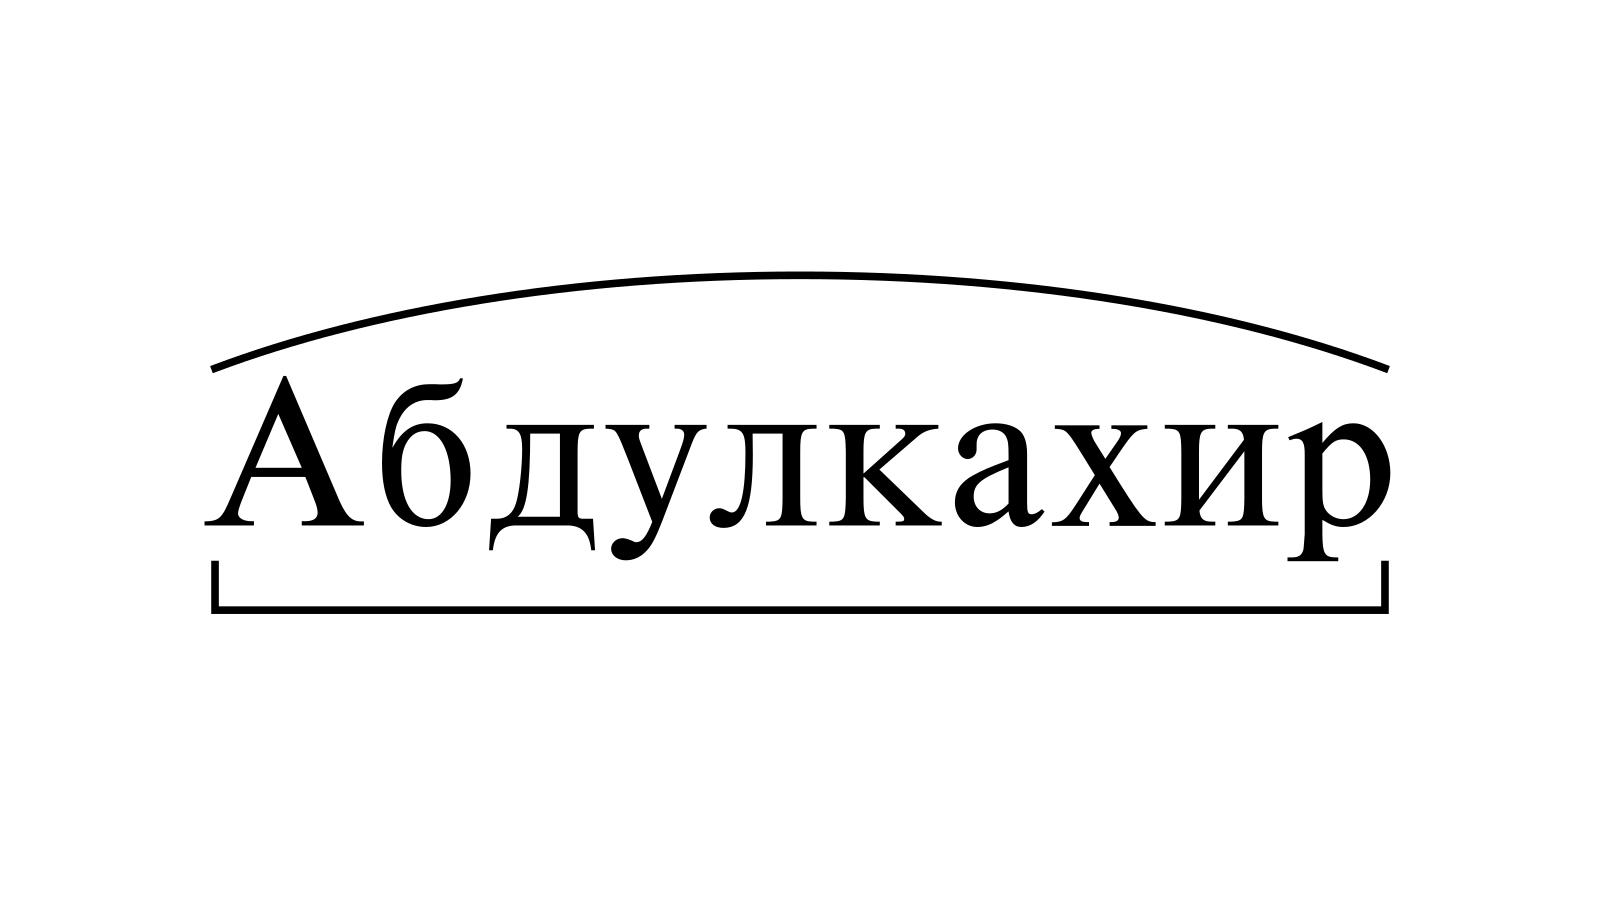 Разбор слова «Абдулкахир» по составу